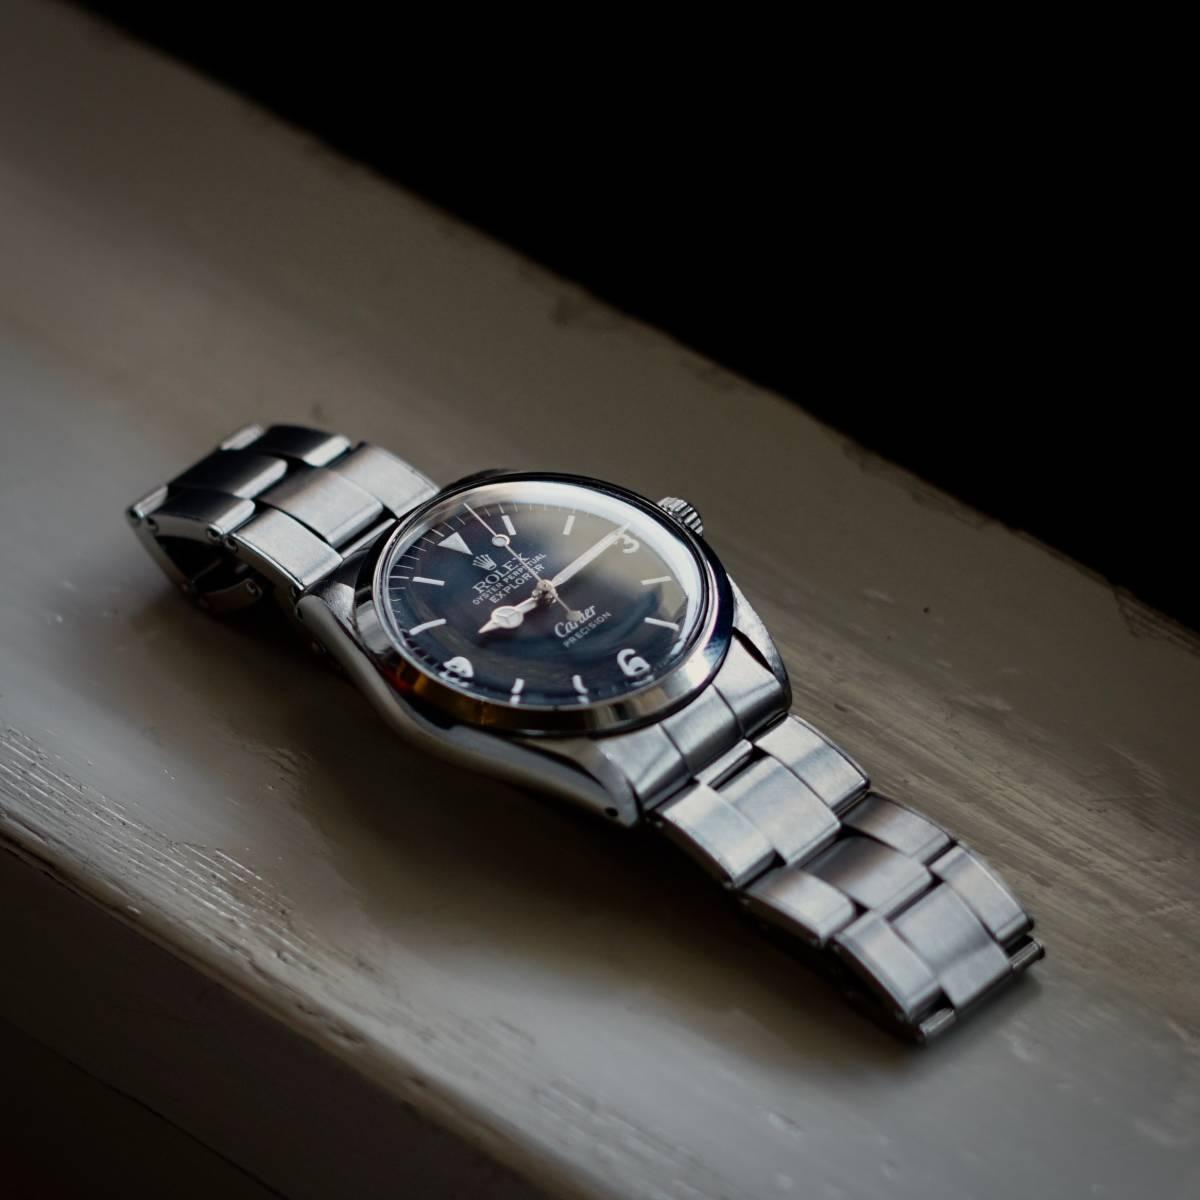 超美品 Rolex 5500 Explorer Cartier Wネーム カルティエ ロレックス エクスプローラー 5500 リダン OH済 仕上げ済 リベットブレス_画像4